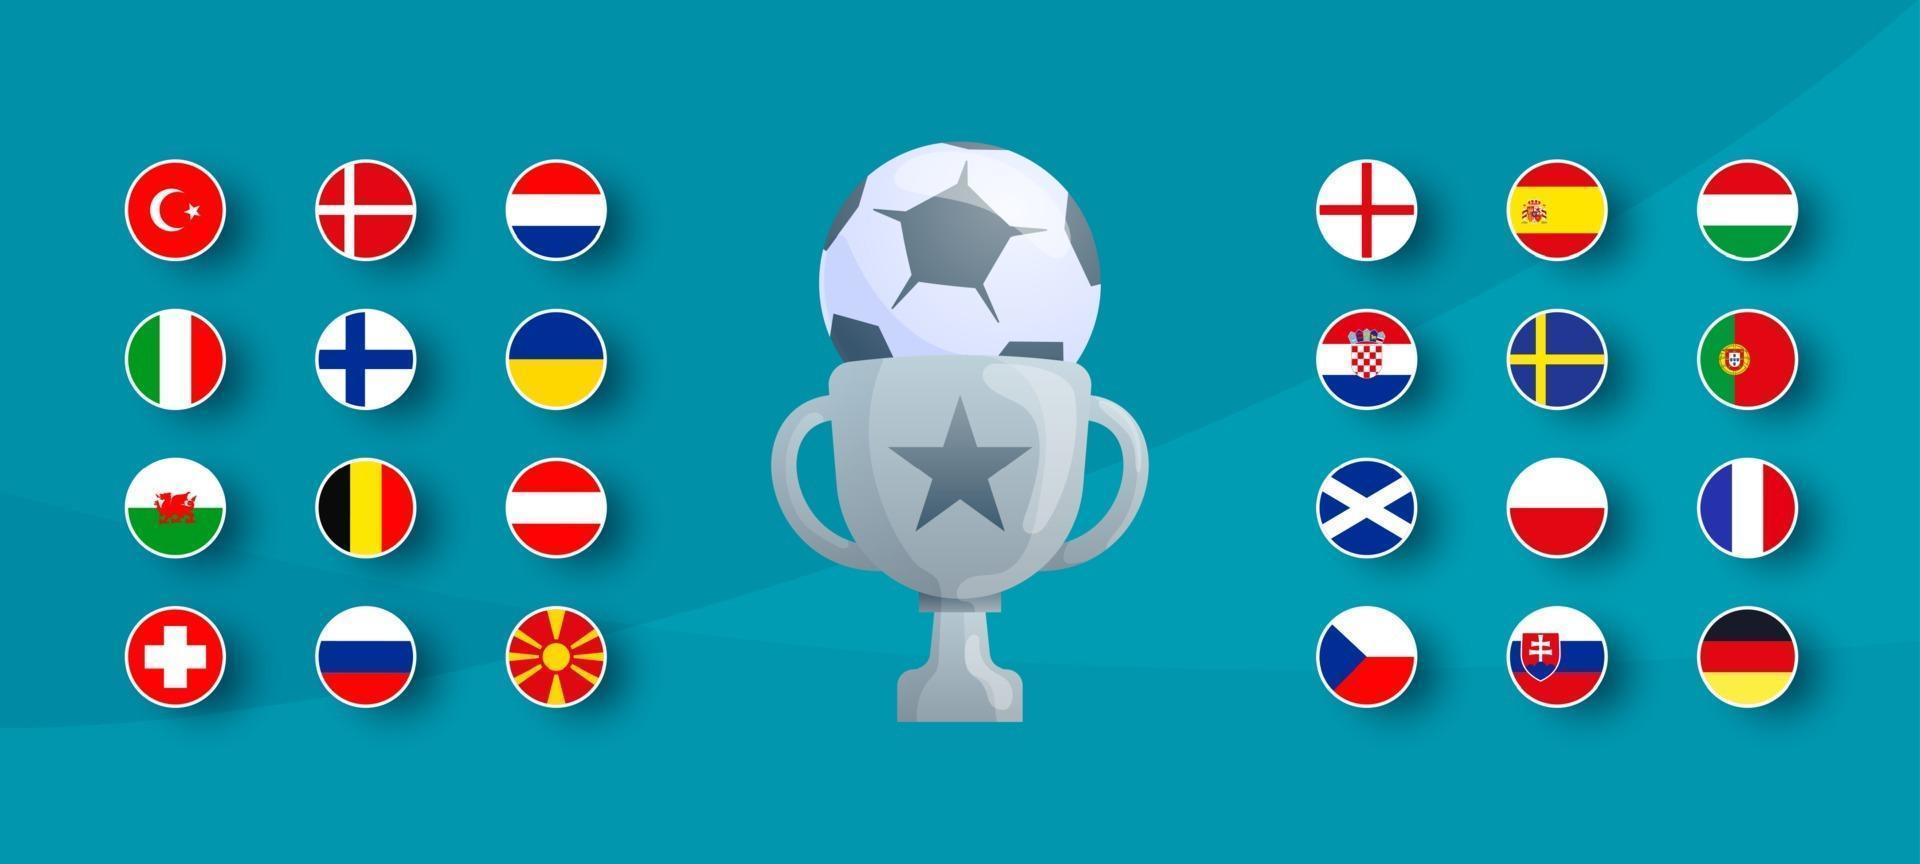 drapeau du tournoi européen de football 2020. drapeau de pays de vecteur pour le championnat de football.